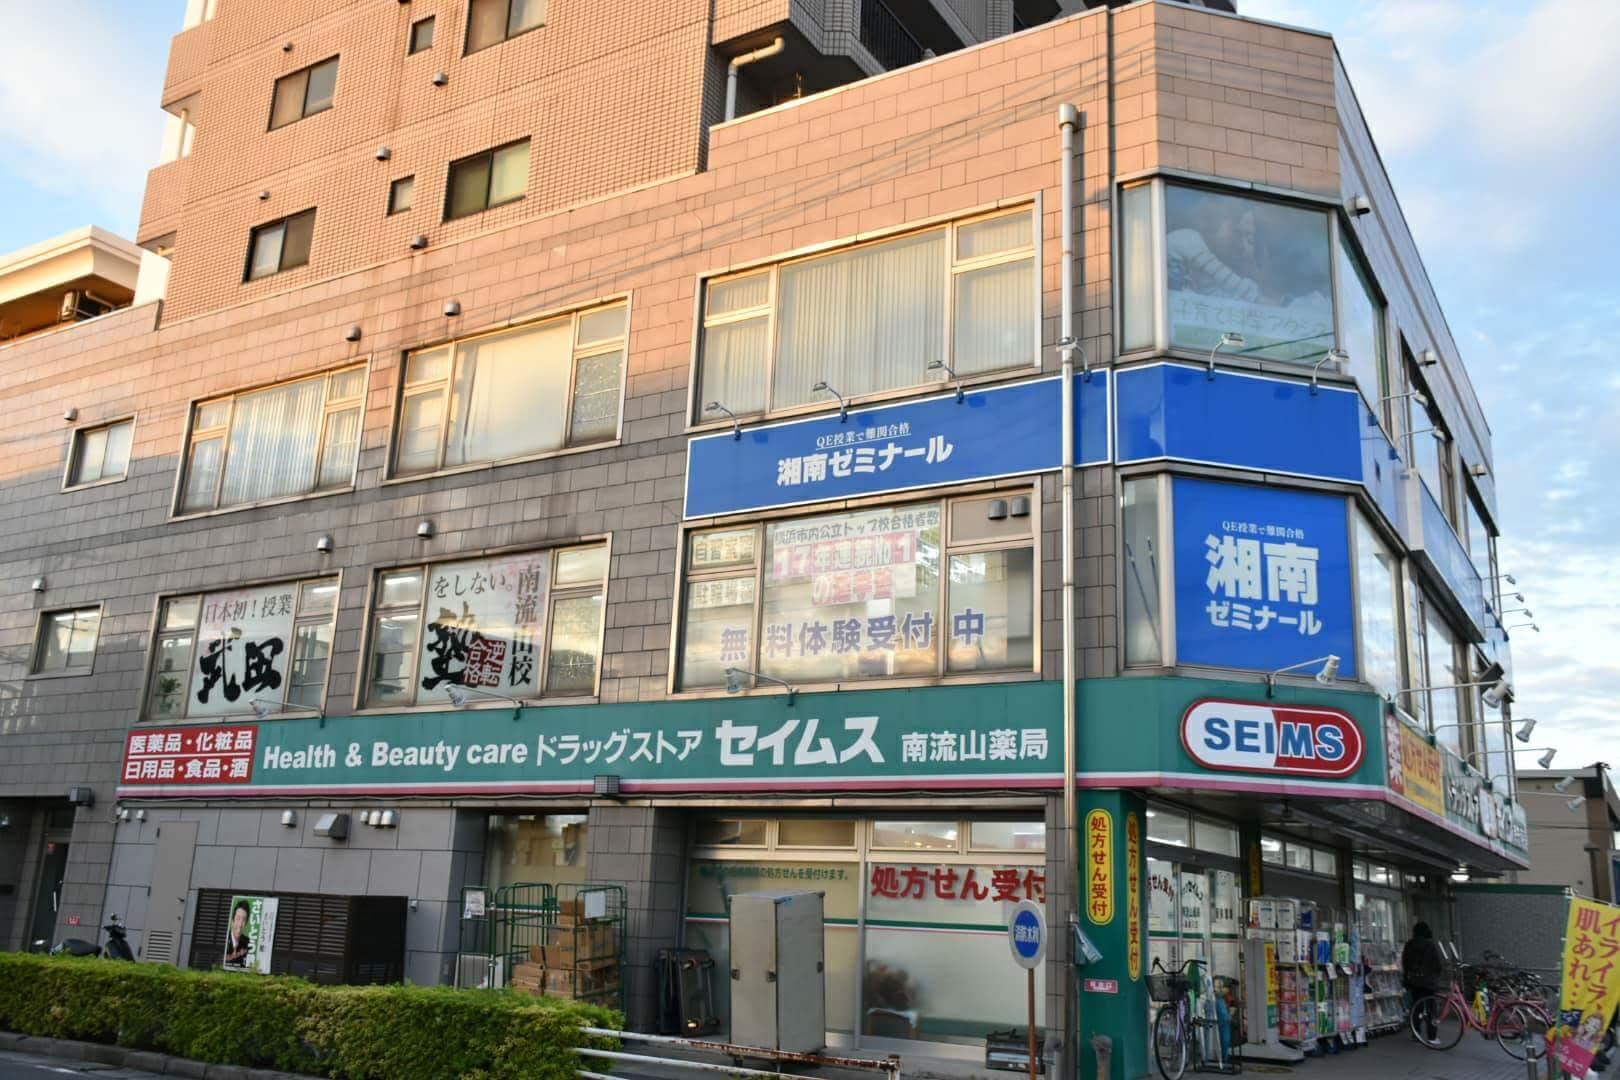 渋谷ビルの外観